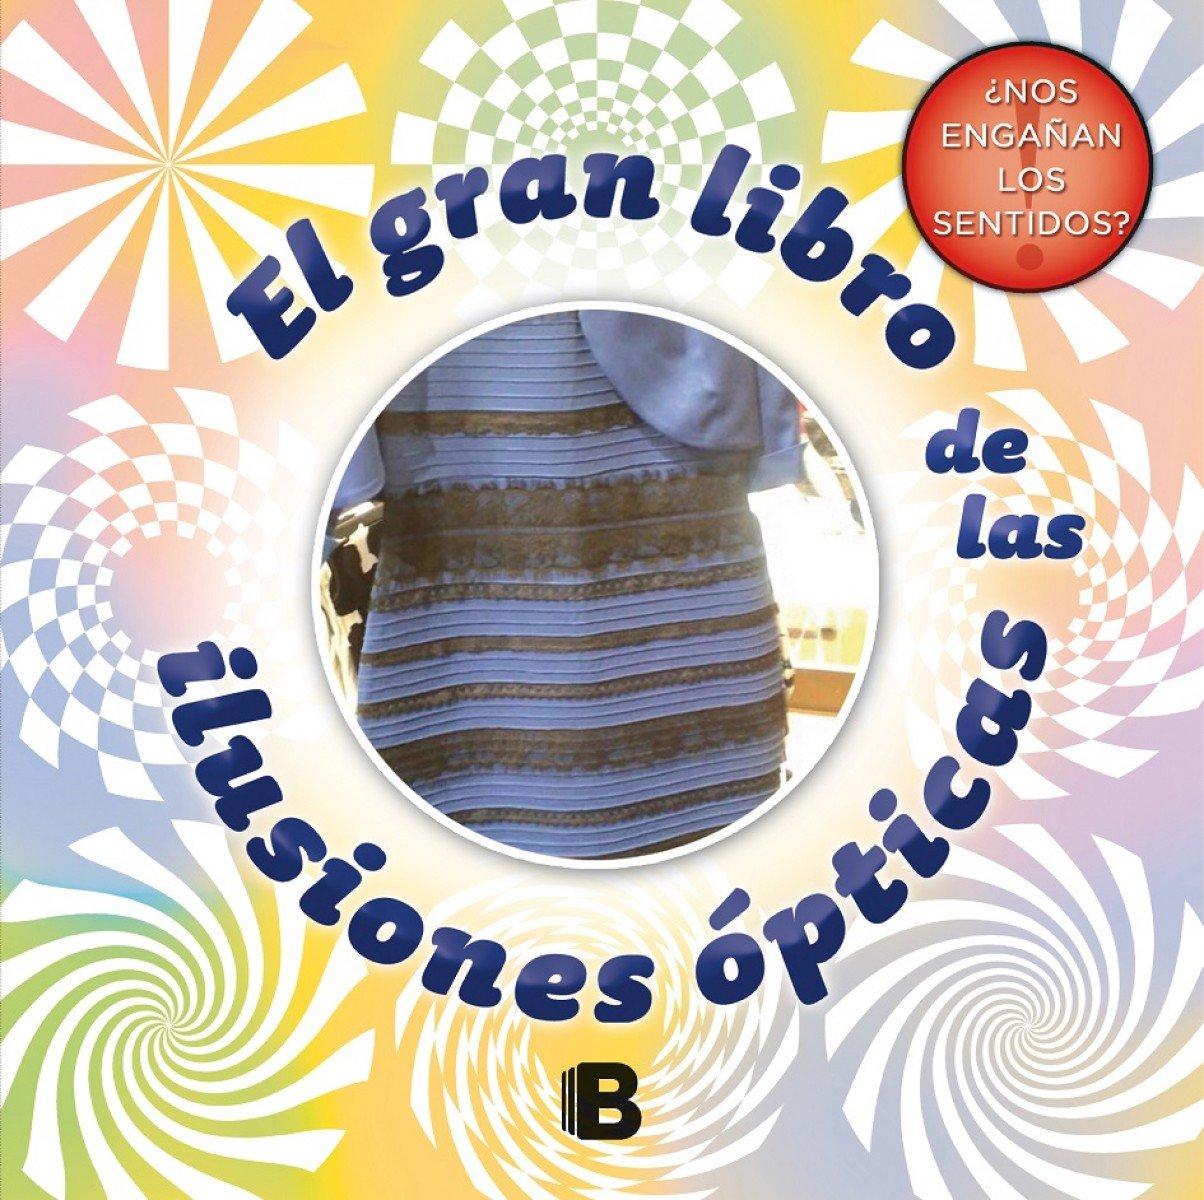 El gran libro de las ilusiones (Spanish Edition) (Spanish) Paperback – April 30, 2016